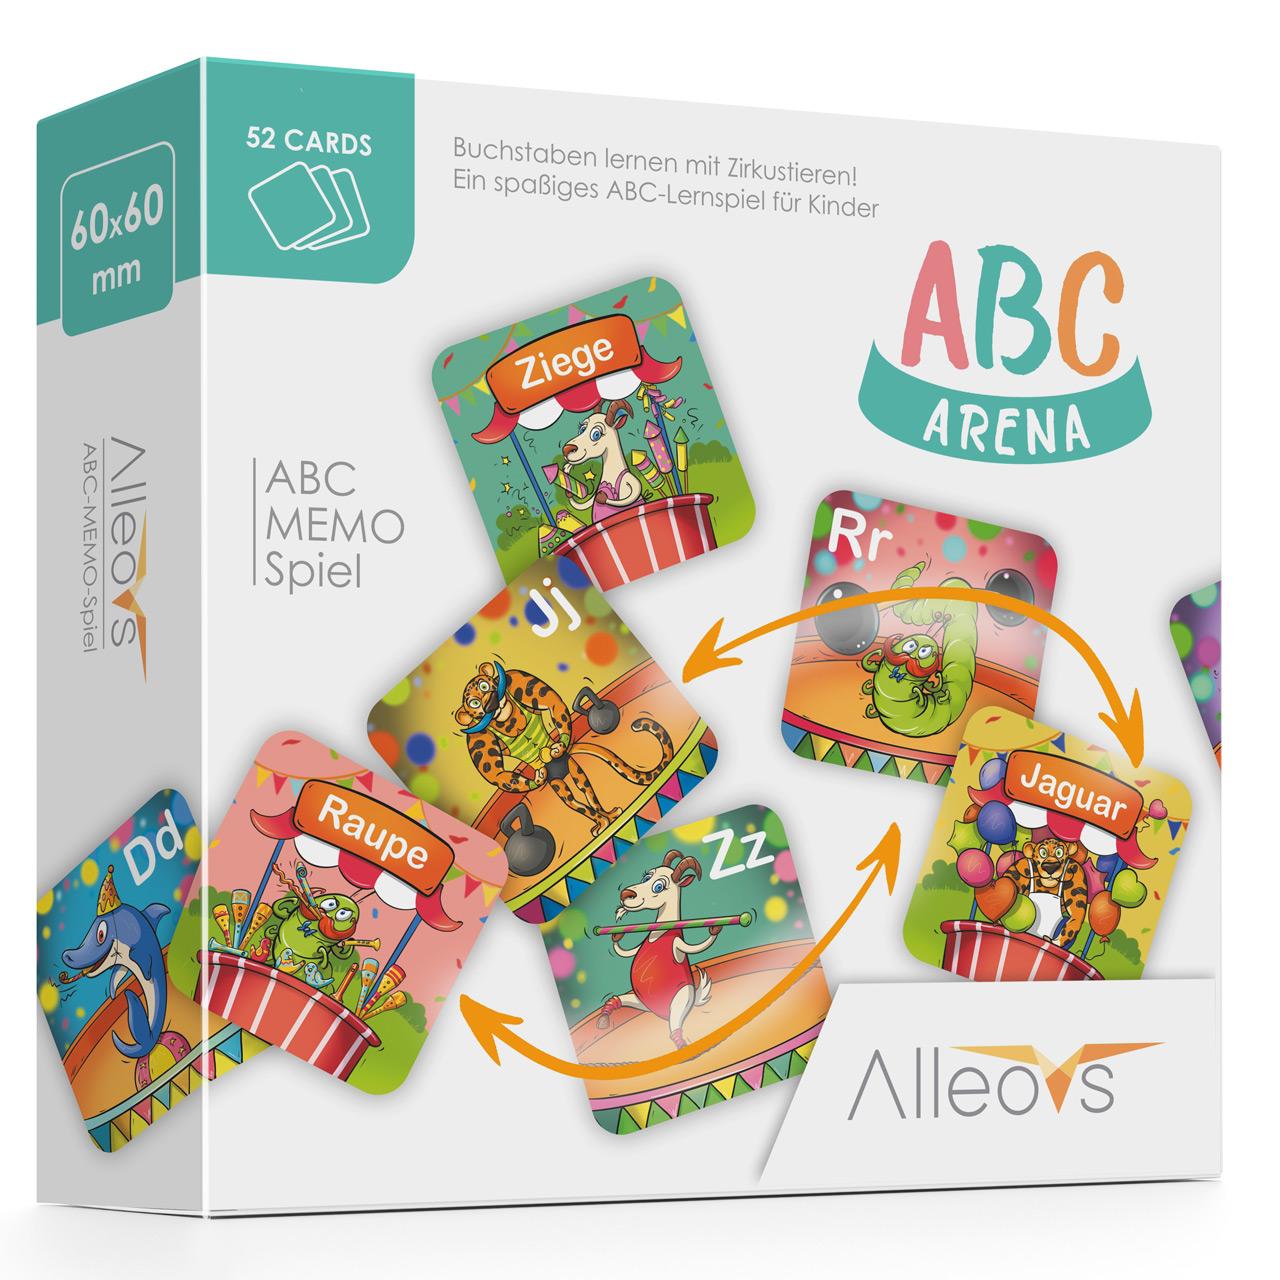 Alleovs-ABC-Arena-Buchstaben-lernen-Memo-Spiel-4270001396716-lafueliki